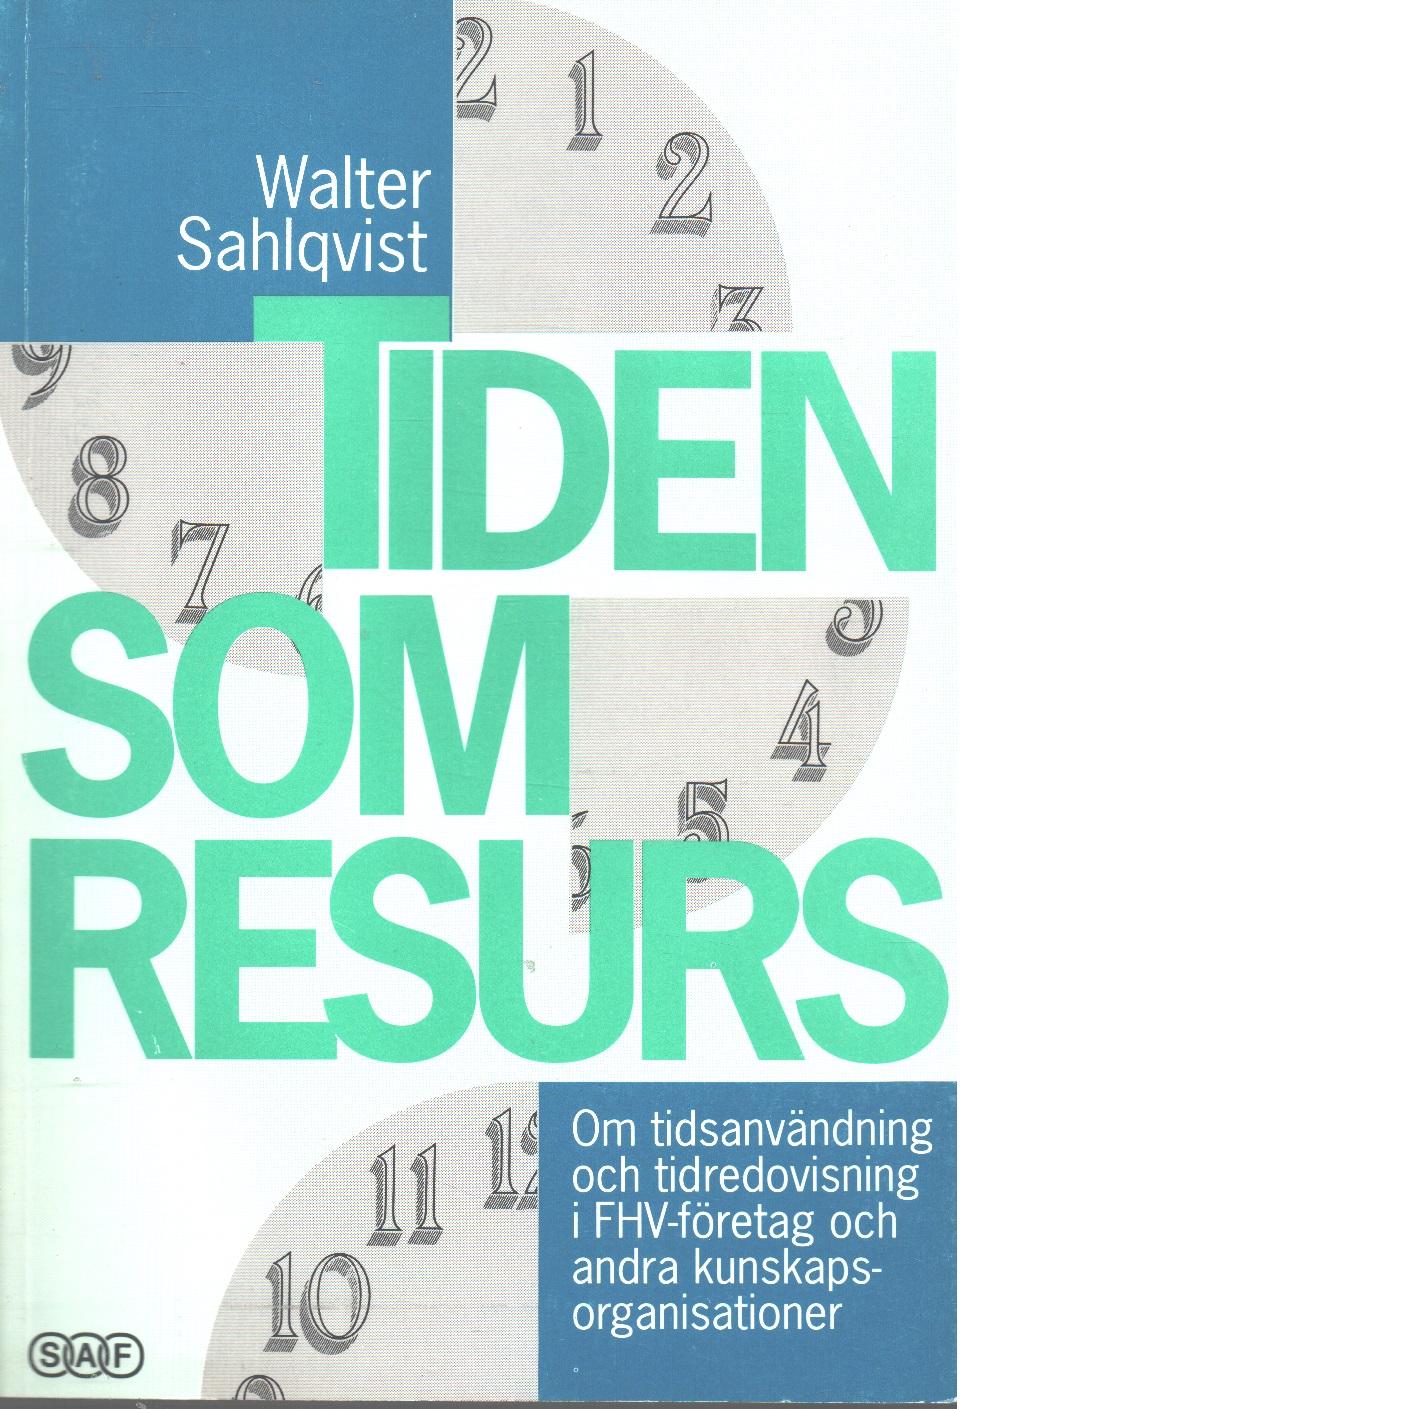 Tiden som resurs - Sahlqvist, Walter